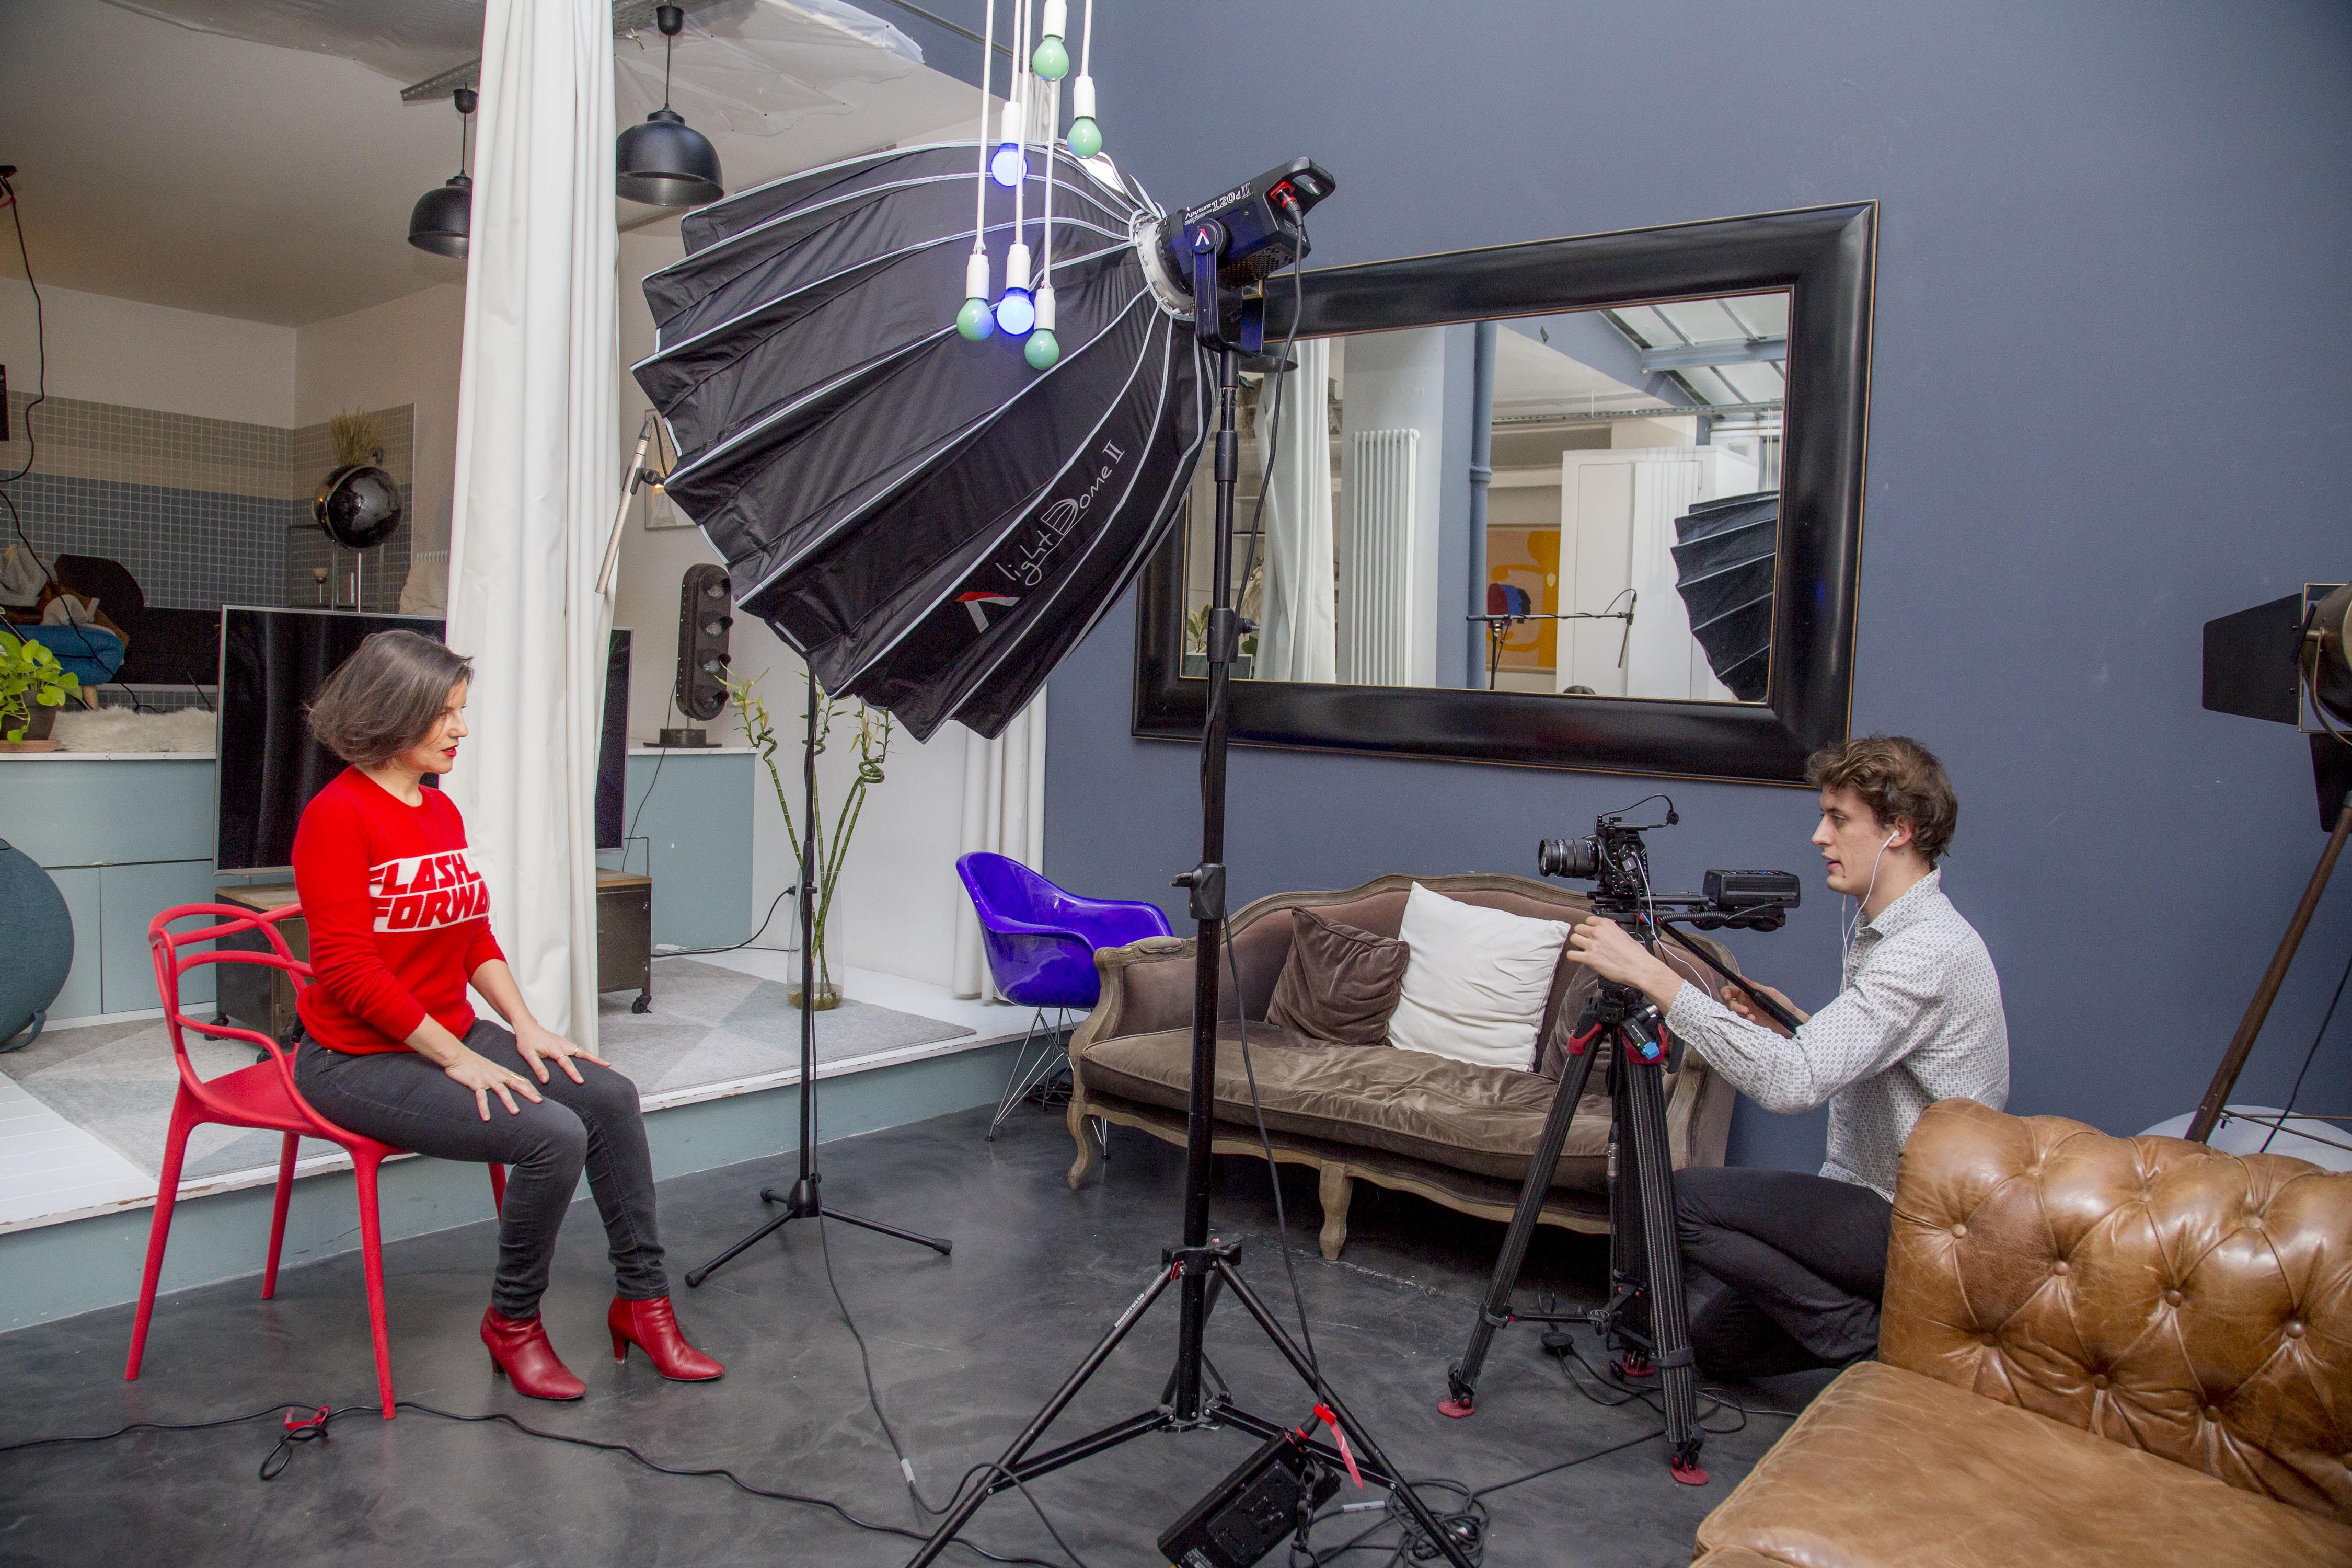 Un homme filme une femme assise sur une chaise